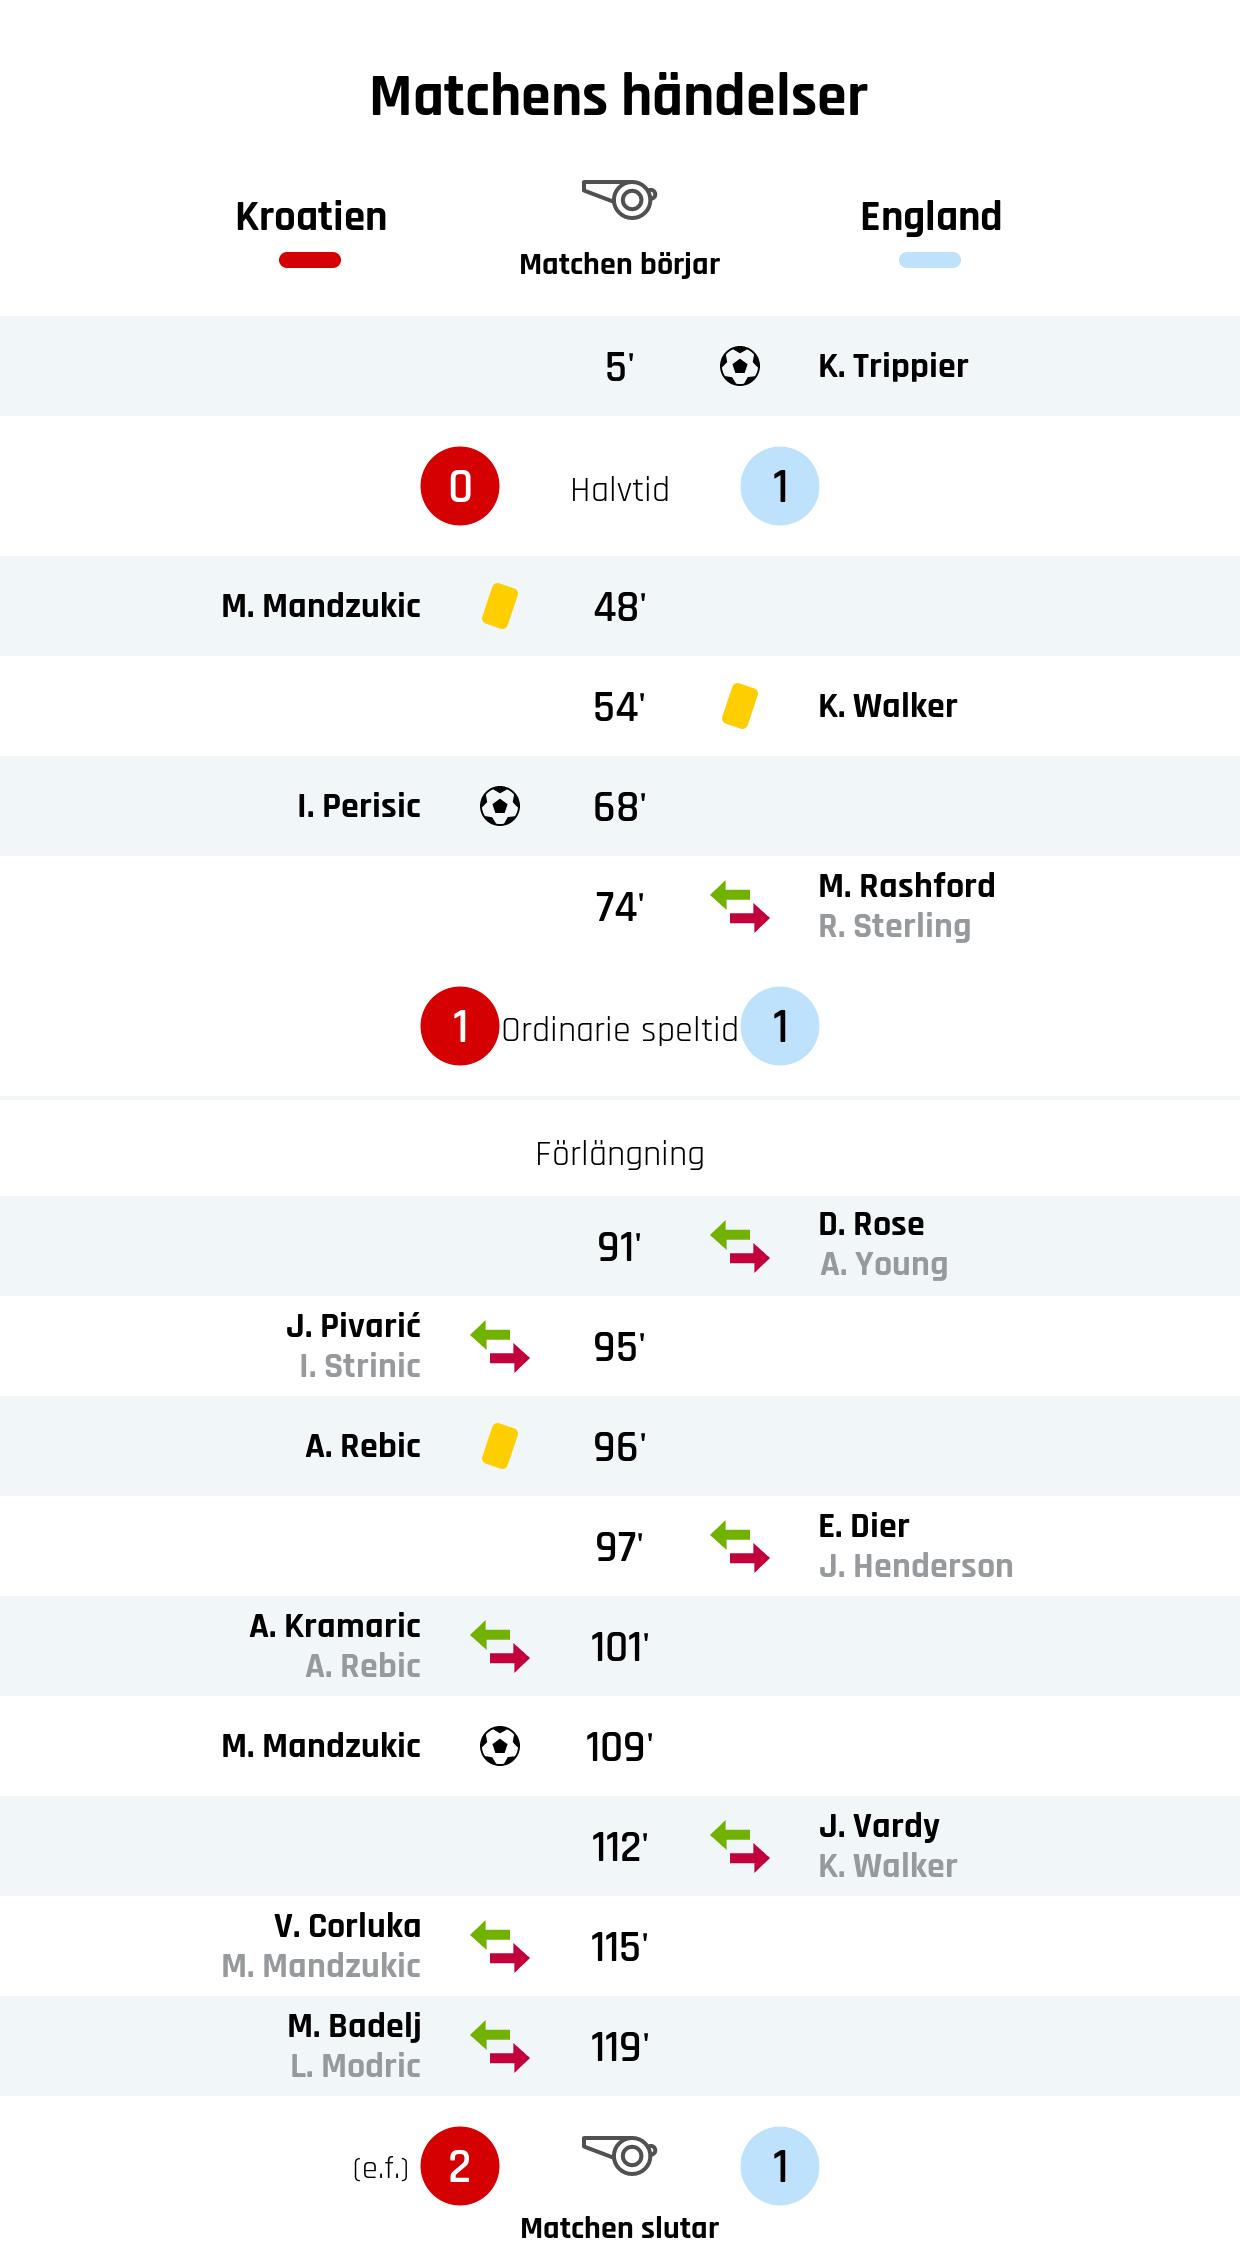 5' Mål England: K. Trippier<br />Resultat i halvtid: Kroatien 0, England 1<br />48' Gult kort: M. Mandzukic, Kroatien<br />54' Gult kort: K. Walker, England<br />68' Mål Kroatien: I. Perisic<br />74' Englands byte: M. Rashford in, R. Sterling ut<br />Resultat efter ordinarie speltid: Kroatien 1, England 1<br />91' Englands byte: D. Rose in, A. Young ut<br />95' Kroatiens byte: J. Pivarić in, I. Strinic ut<br />96' Gult kort: A. Rebic, Kroatien<br />97' Englands byte: E. Dier in, J. Henderson ut<br />101' Kroatiens byte: A. Kramaric in, A. Rebic ut<br />109' Mål Kroatien: M. Mandzukic<br />112' Englands byte: J. Vardy in, K. Walker ut<br />115' Kroatiens byte: V. Corluka in, M. Mandzukic ut<br />119' Kroatiens byte: M. Badelj in, L. Modric ut<br />Slutresultat: Kroatien 2 (e.f.), England 1